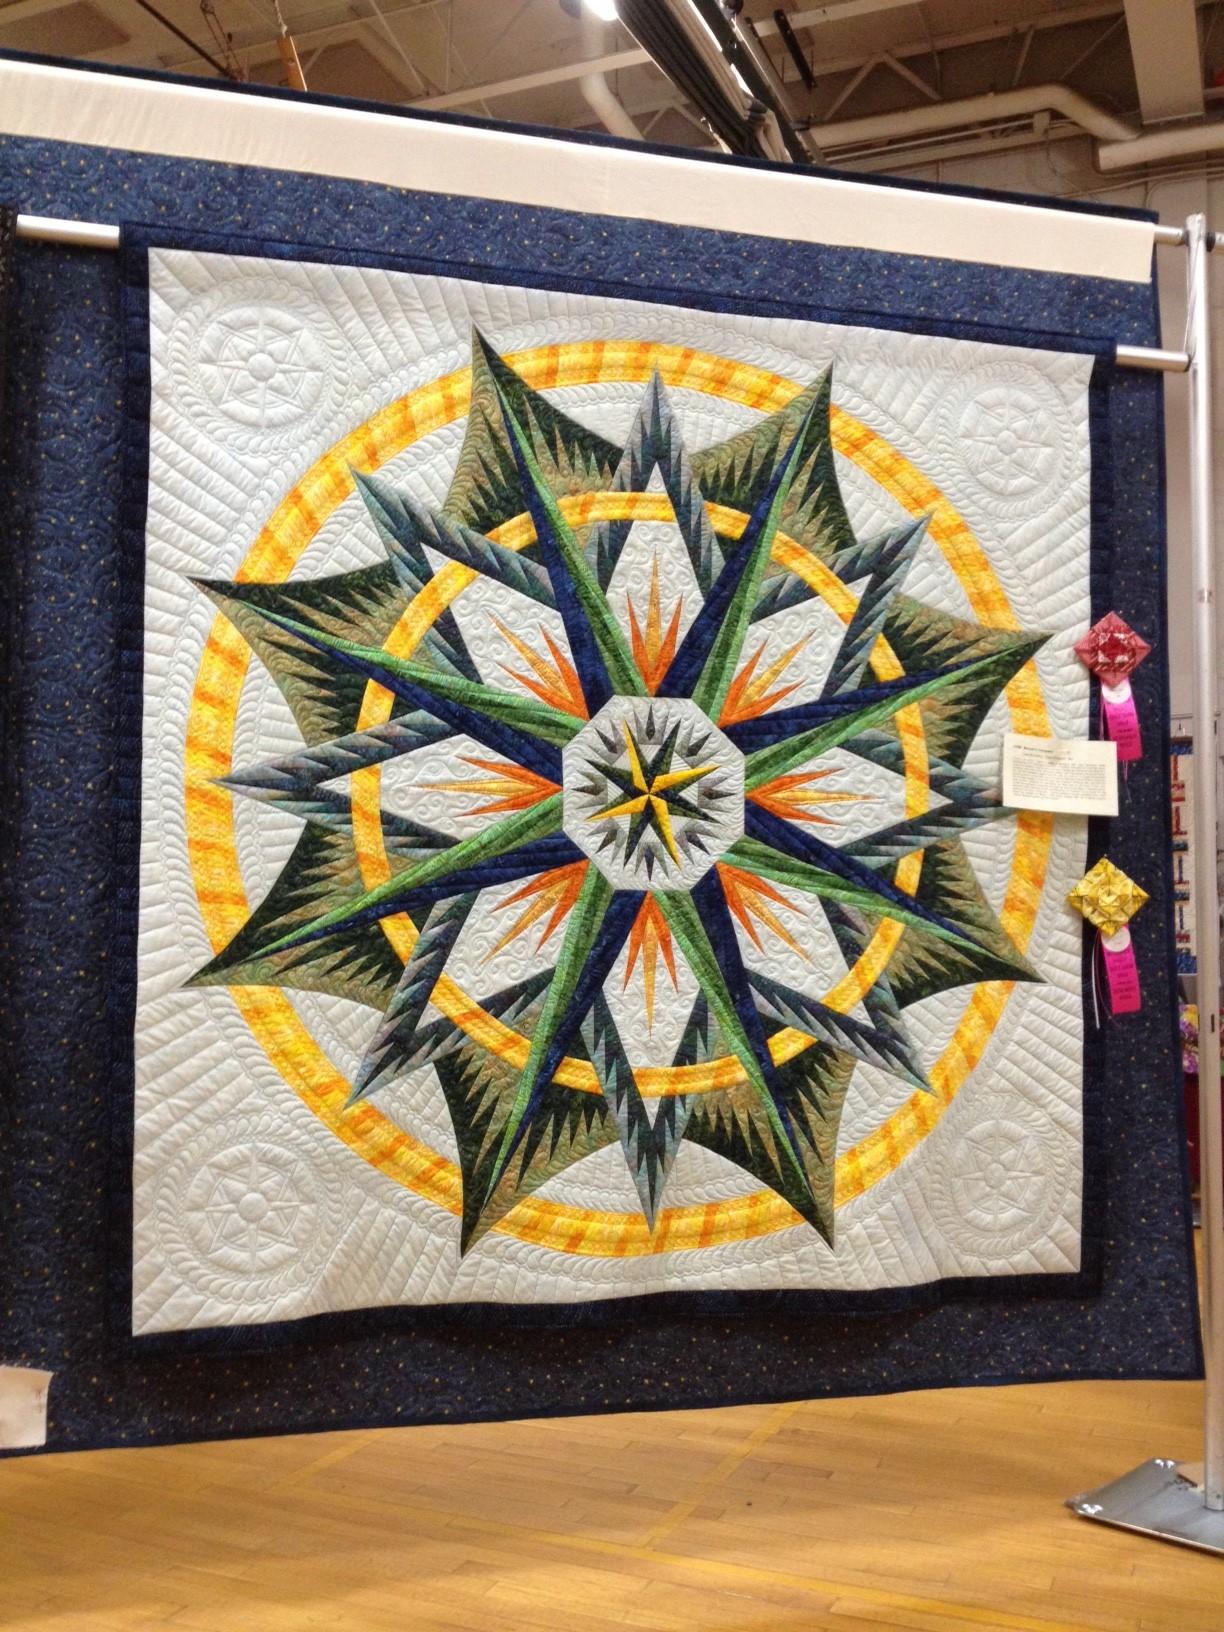 Award Winning Quilts : award winning quilts - Adamdwight.com